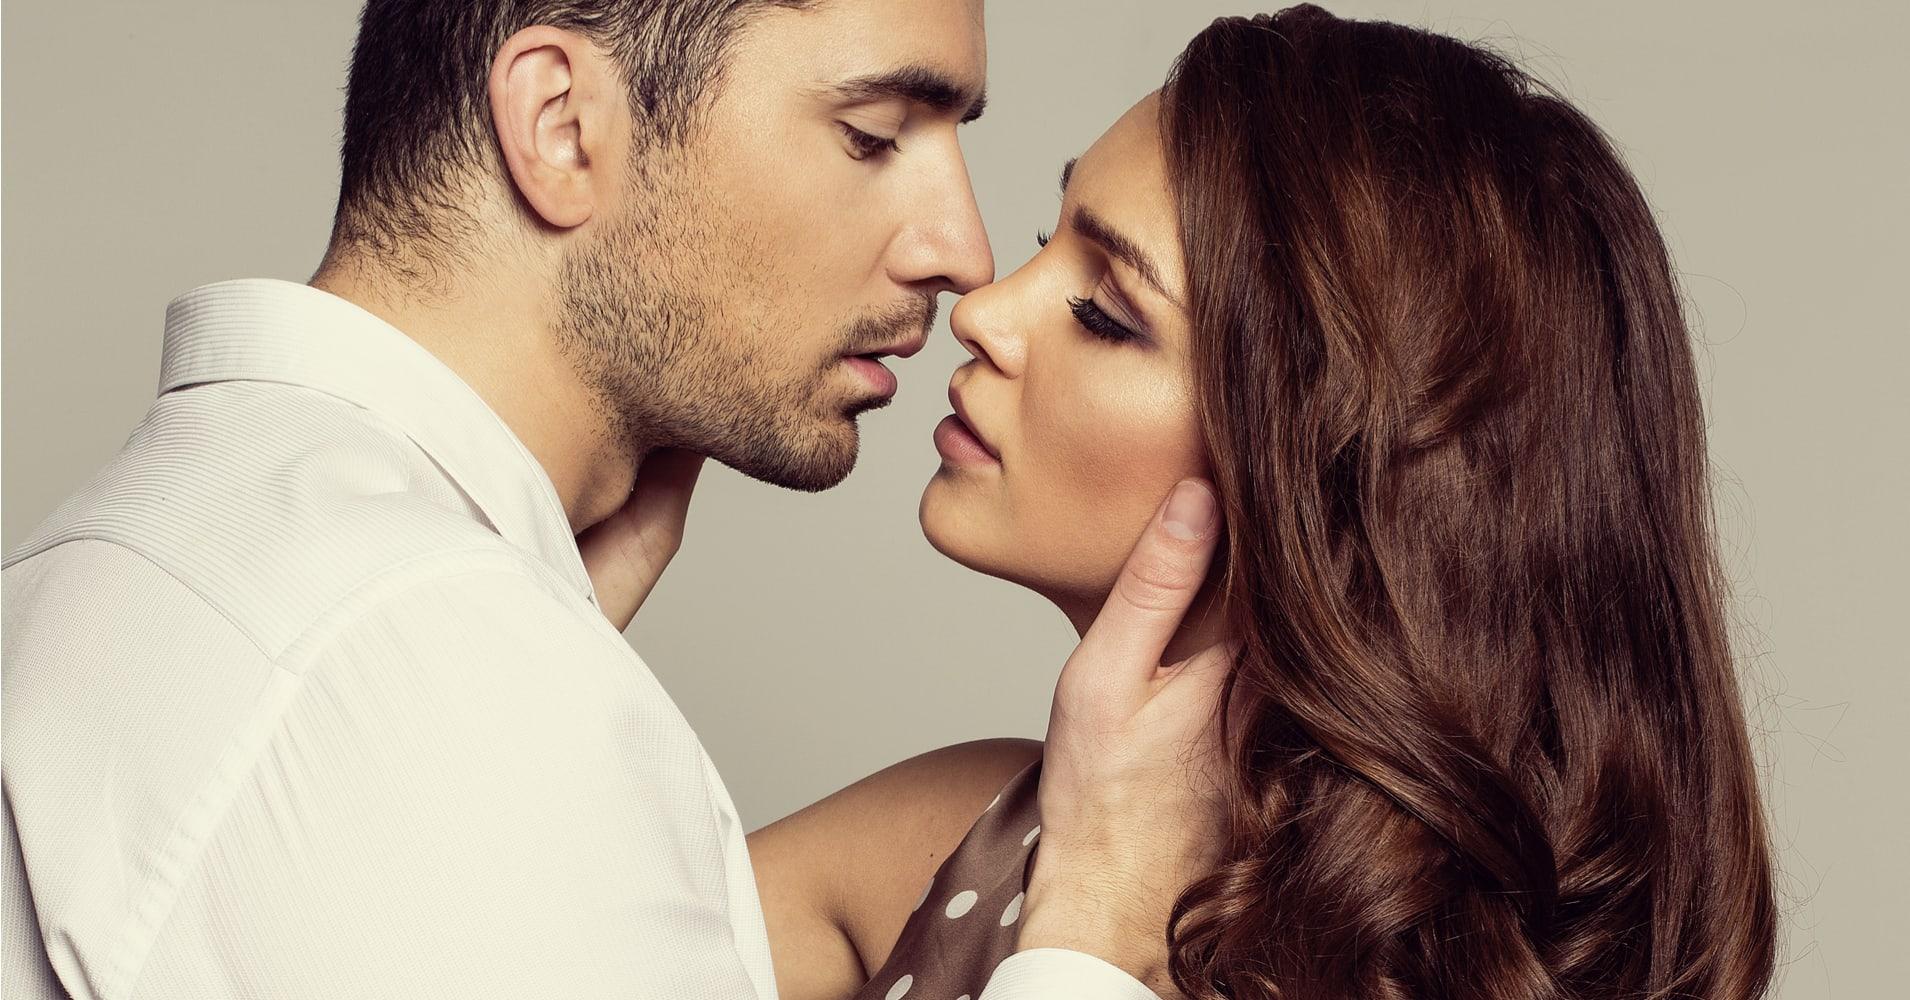 kissing tips guys love